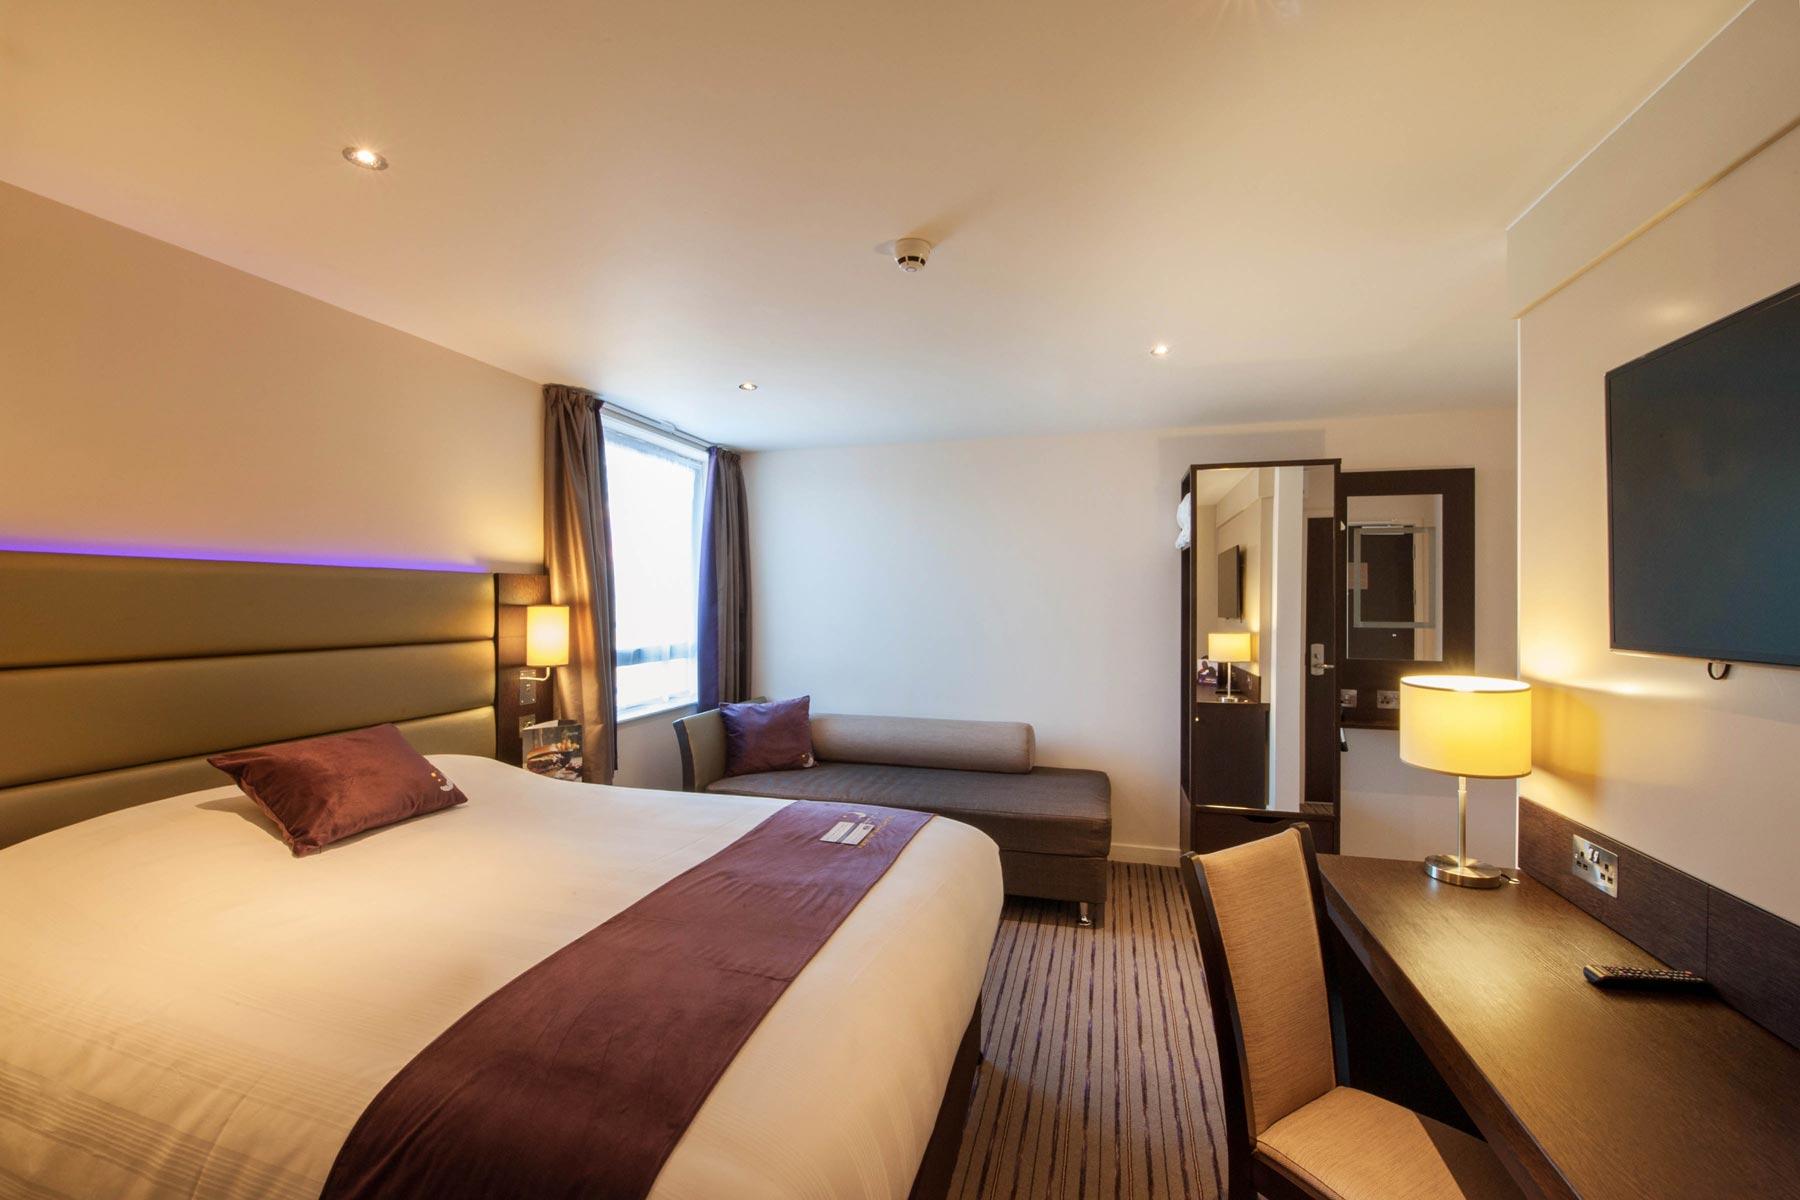 G h checks in for 1 2 million hotel contract g h group for Premier inn family room